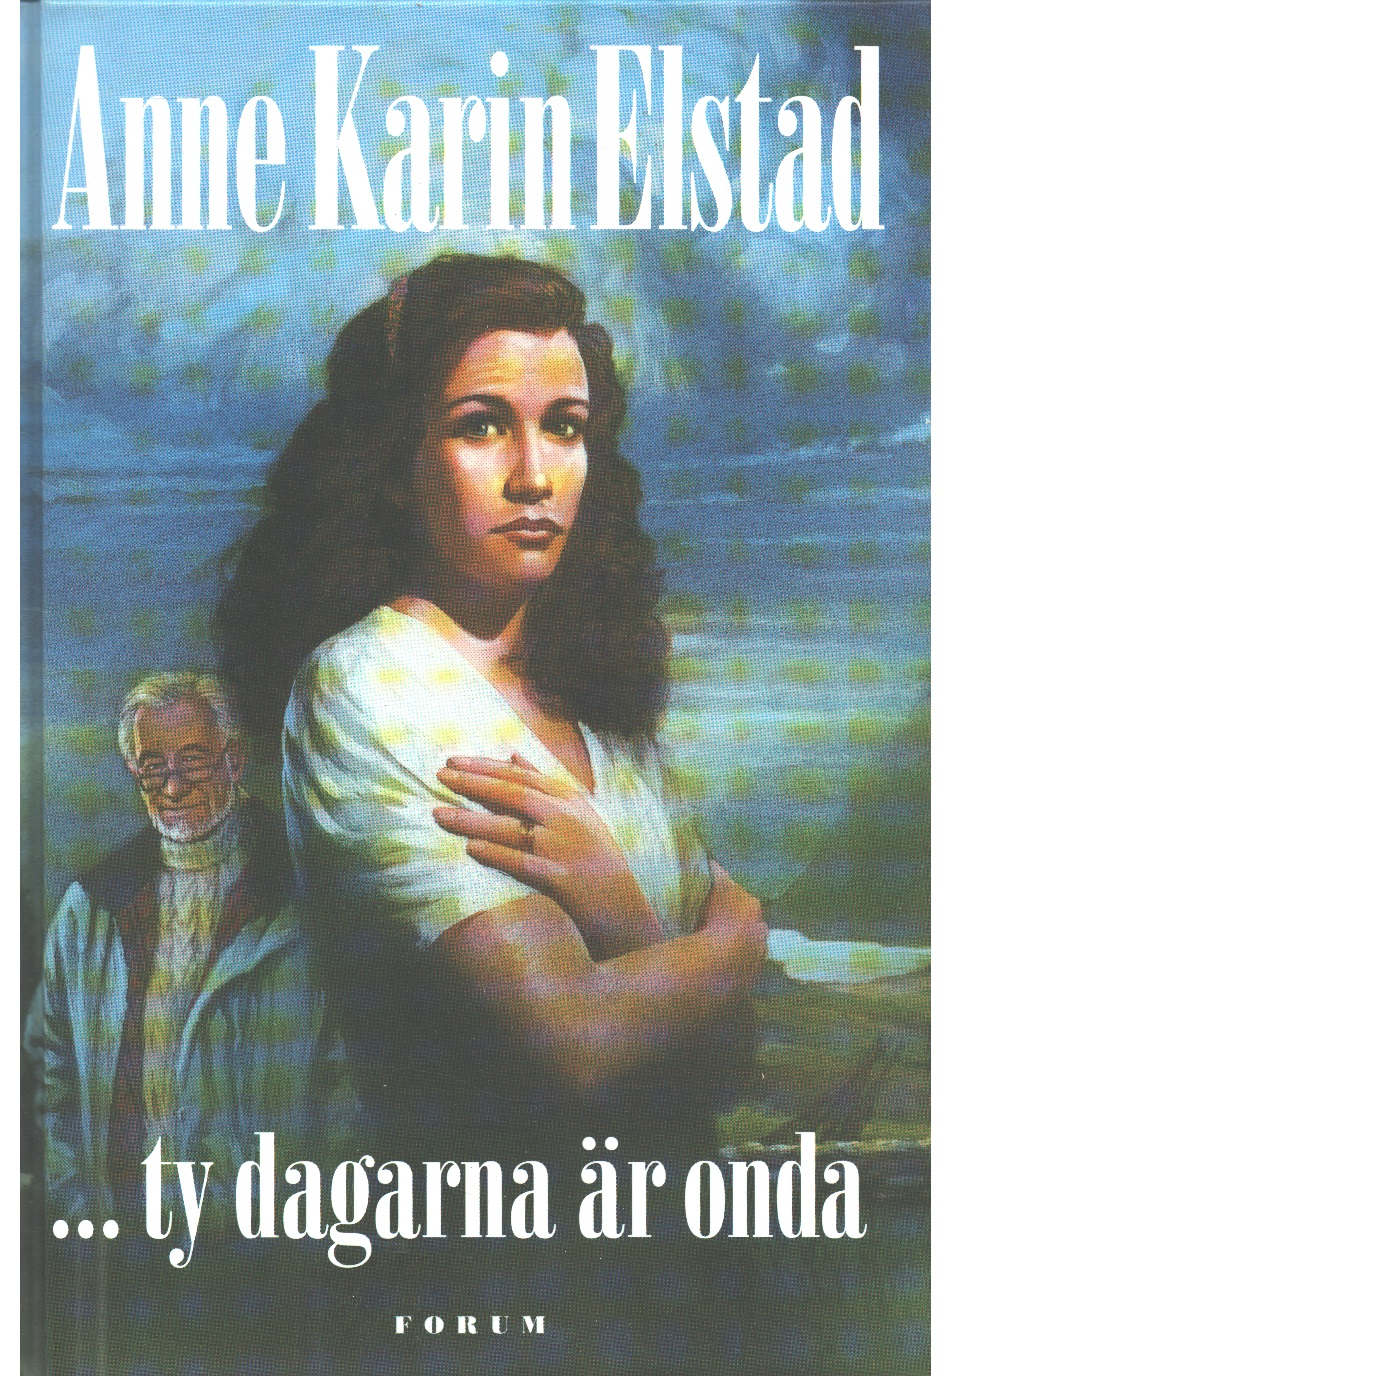 ty dagarna är onda - Elstad, Anne Karin